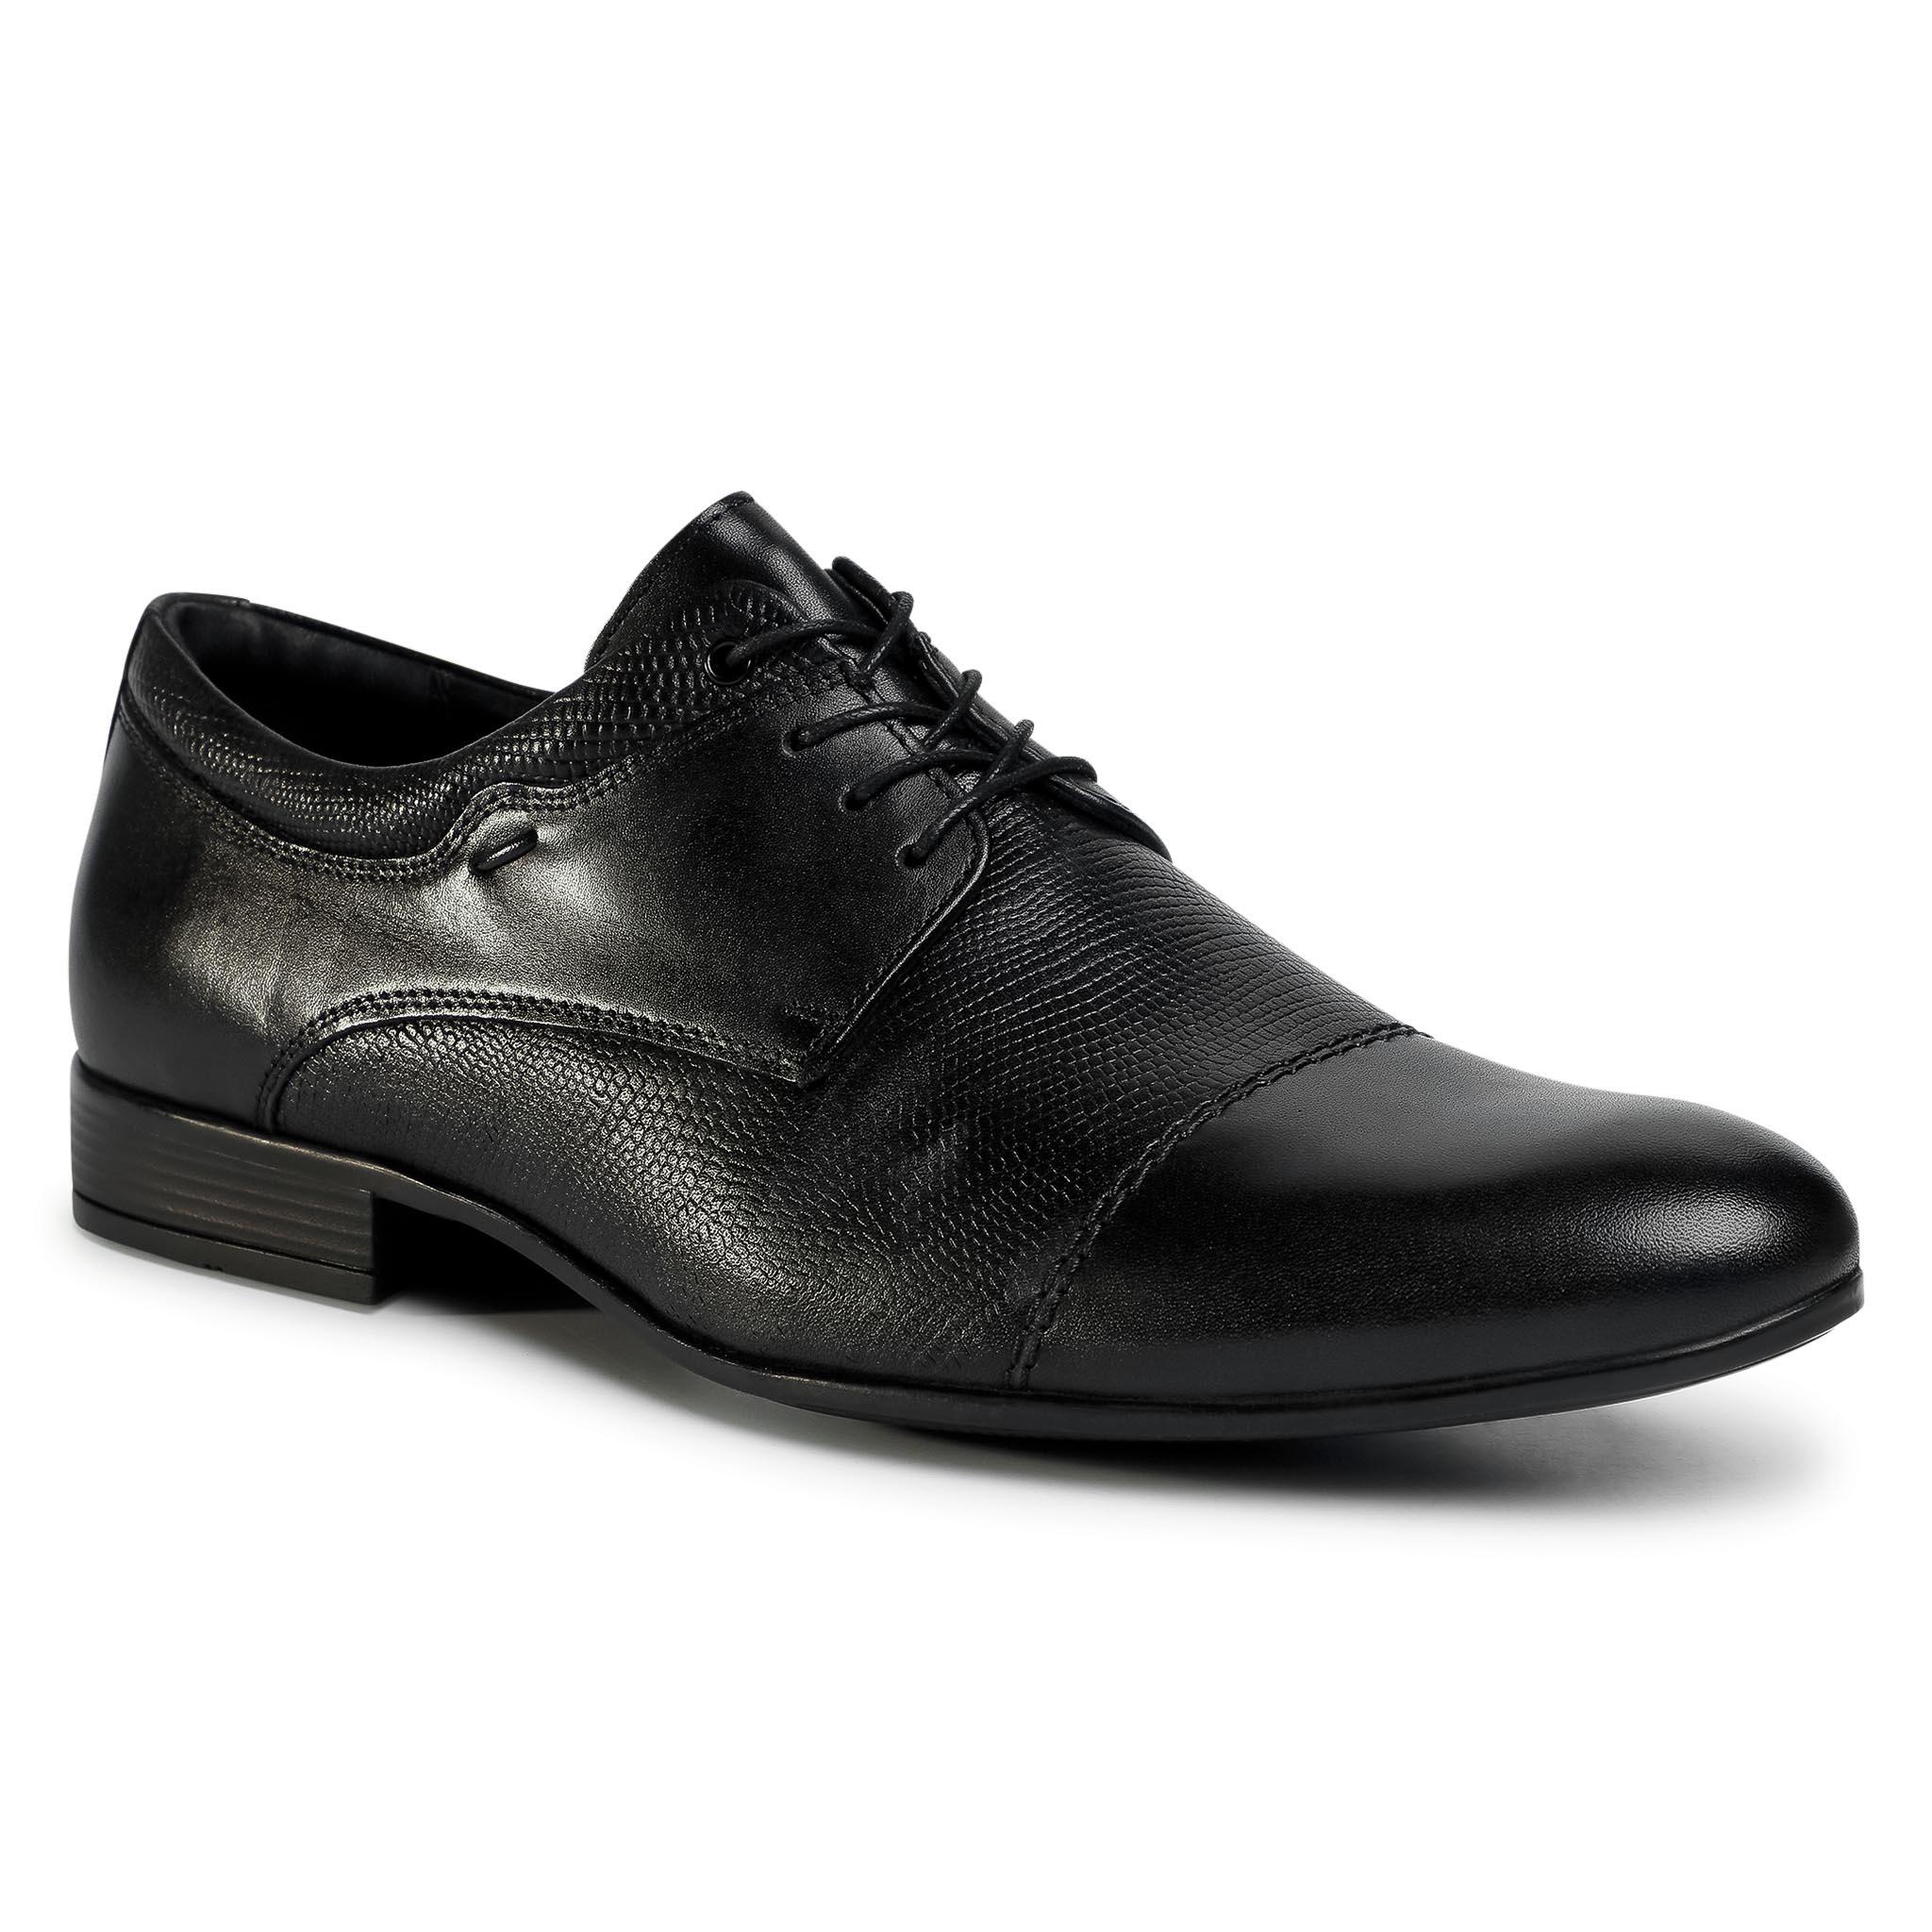 Poltopánky LASOCKI FOR MEN - MI08-C240-286-01 Black